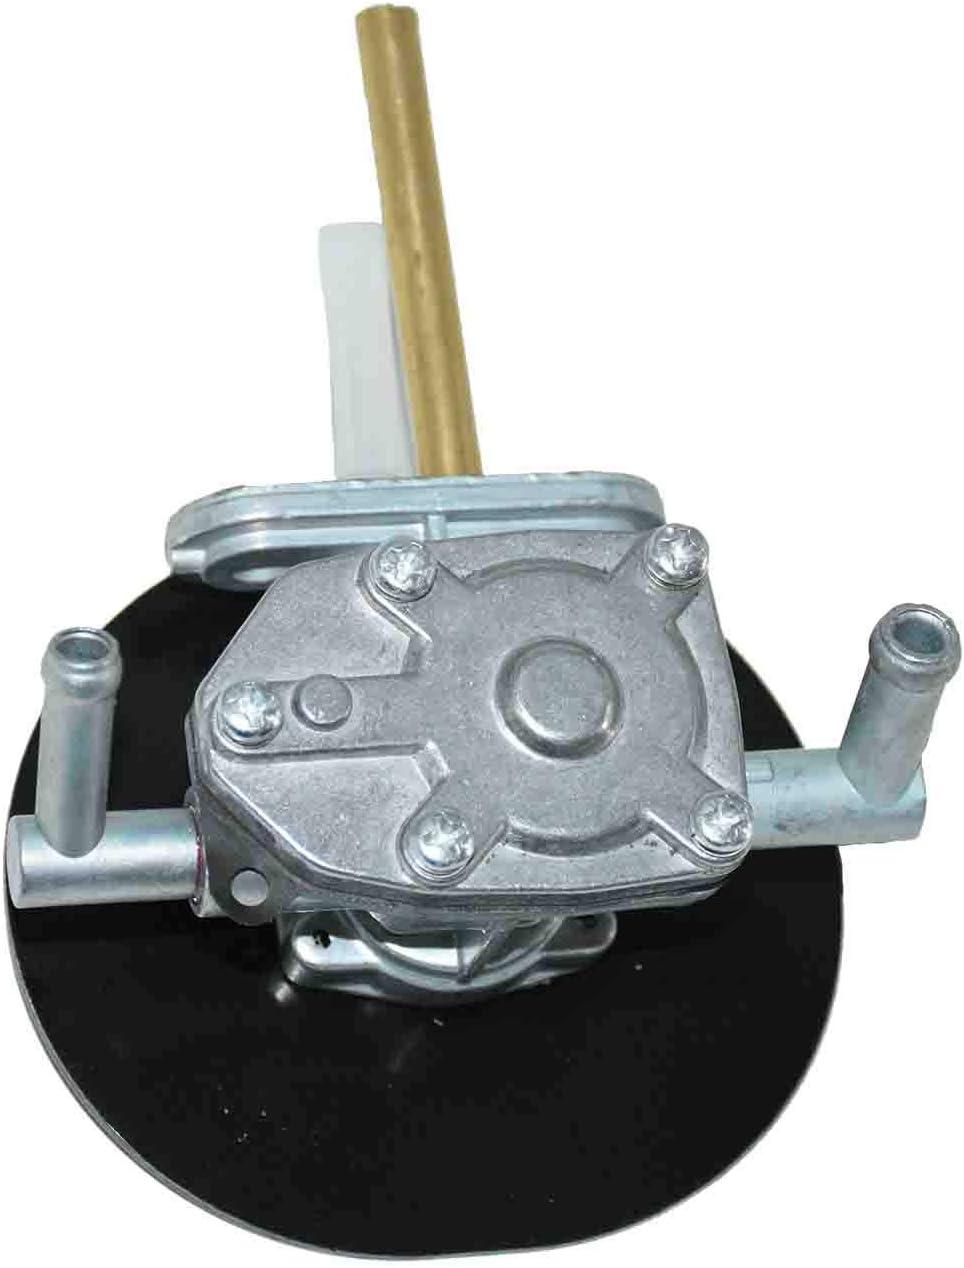 JDLLONG Fuel Cock Tap Petcock Valve Fits Suzuki LTF500F 4x4 Quadrunner 500 1998-2002 44300-09F01